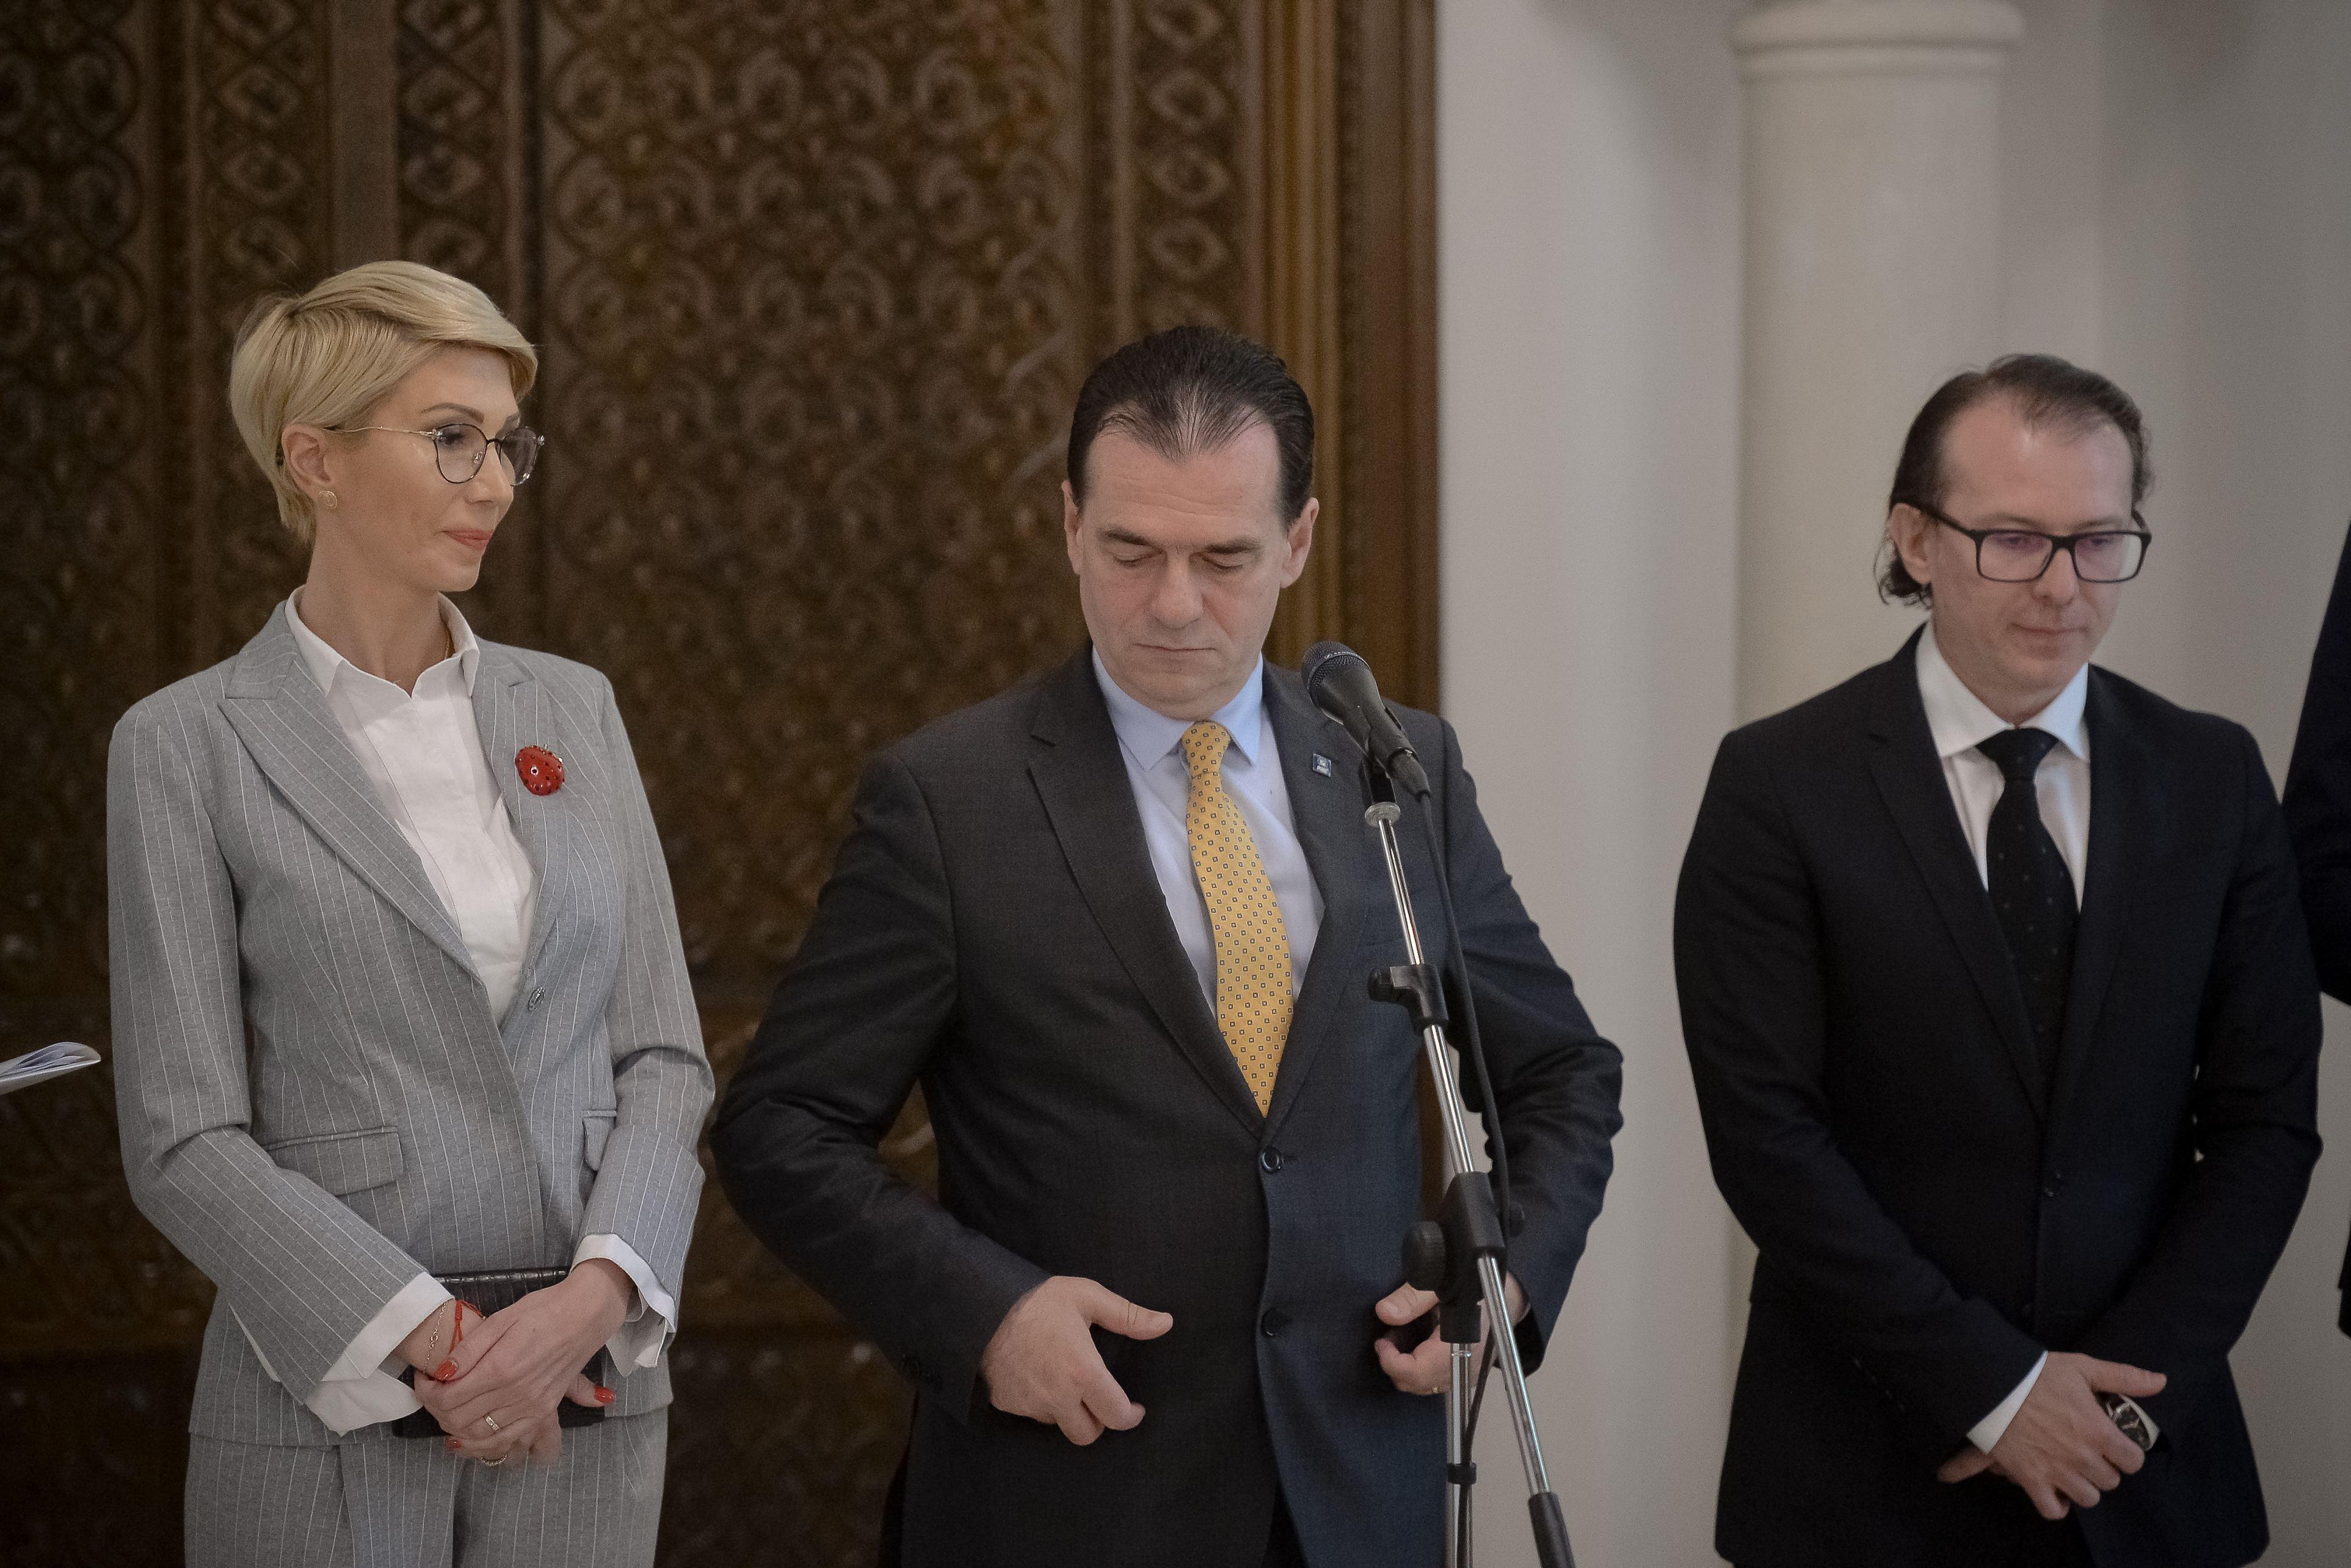 reactia-lui-ludovic-orban-dupa-ce-marcel-ciolacu-a-anuntat-ca-psd-ar-putea-ataca-la-ccr-asumarea-raspunderii-guvernului